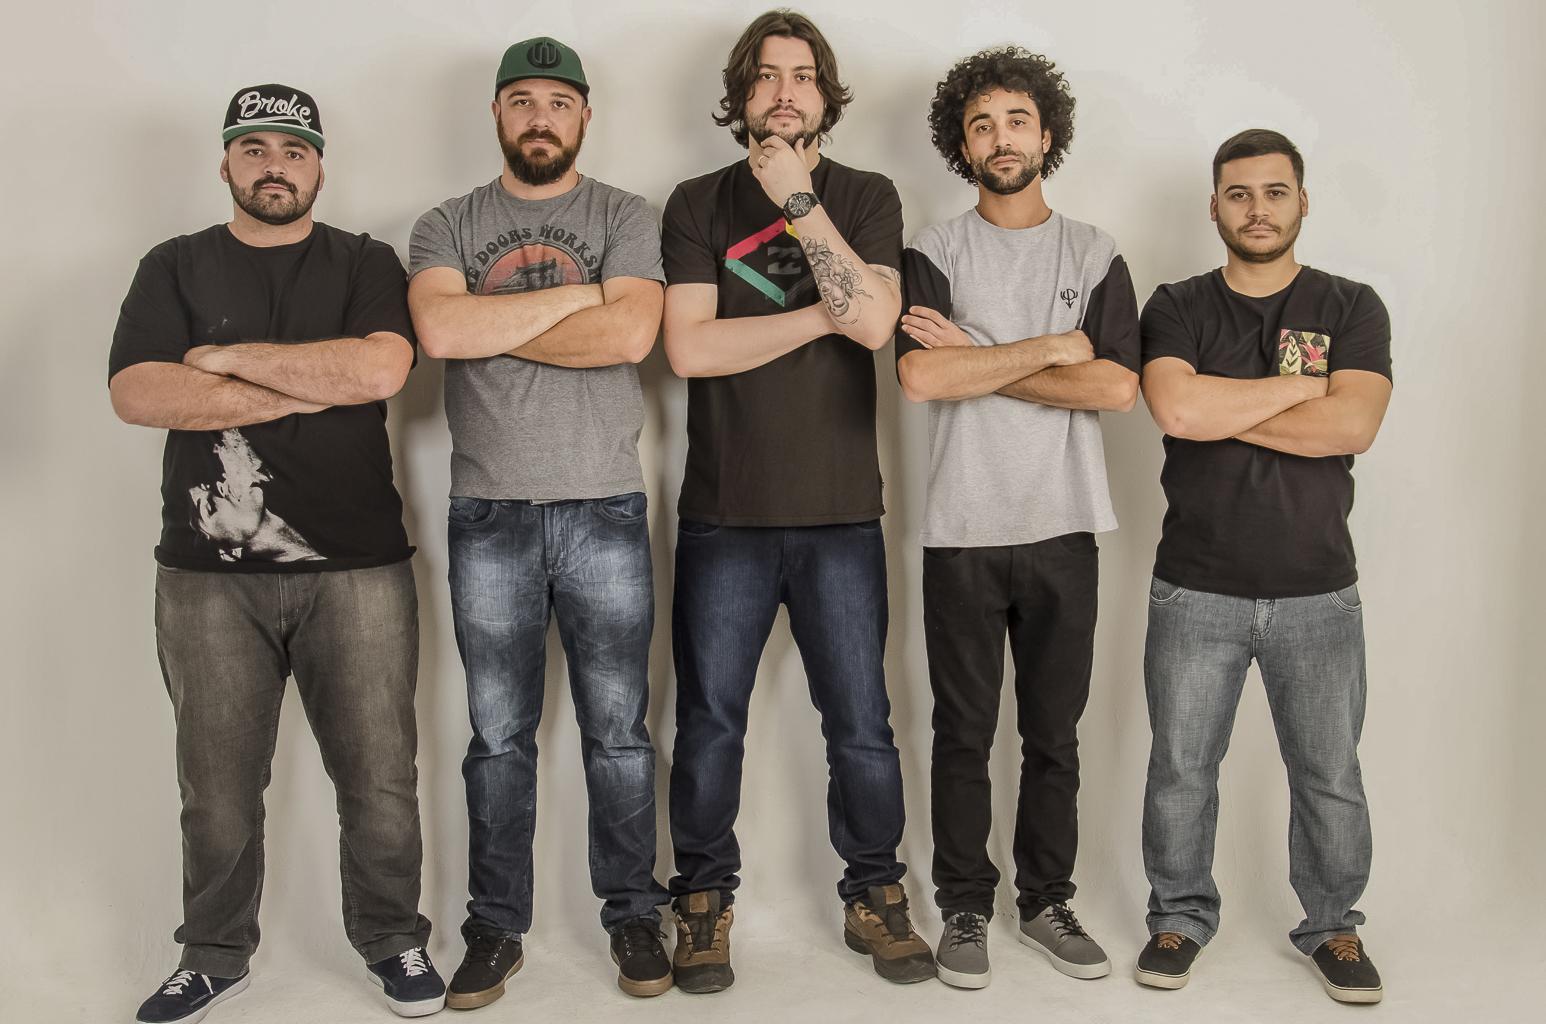 Grupo paulista Maneva faz show nesta quinta feira no Bar Opinião em Porto Alegre. Foto: Divulgação/Leonardo Silva.